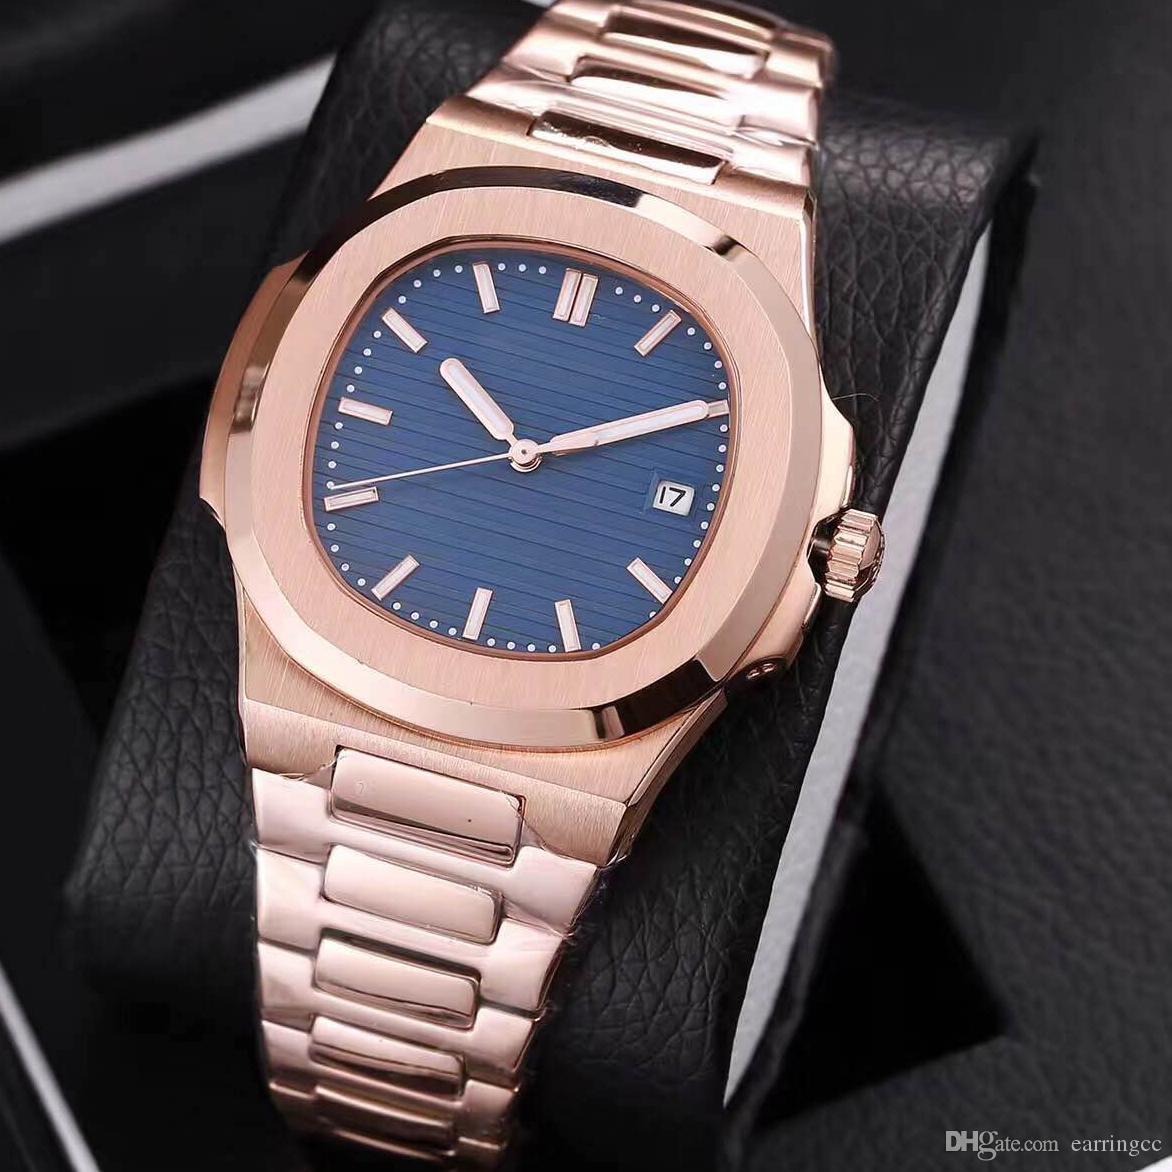 19 colores del reloj para hombre movimiento automático segunda mano de zafiro de cristal Glide sooth relojes de oro rosa de calidad r01 reloj de pulsera